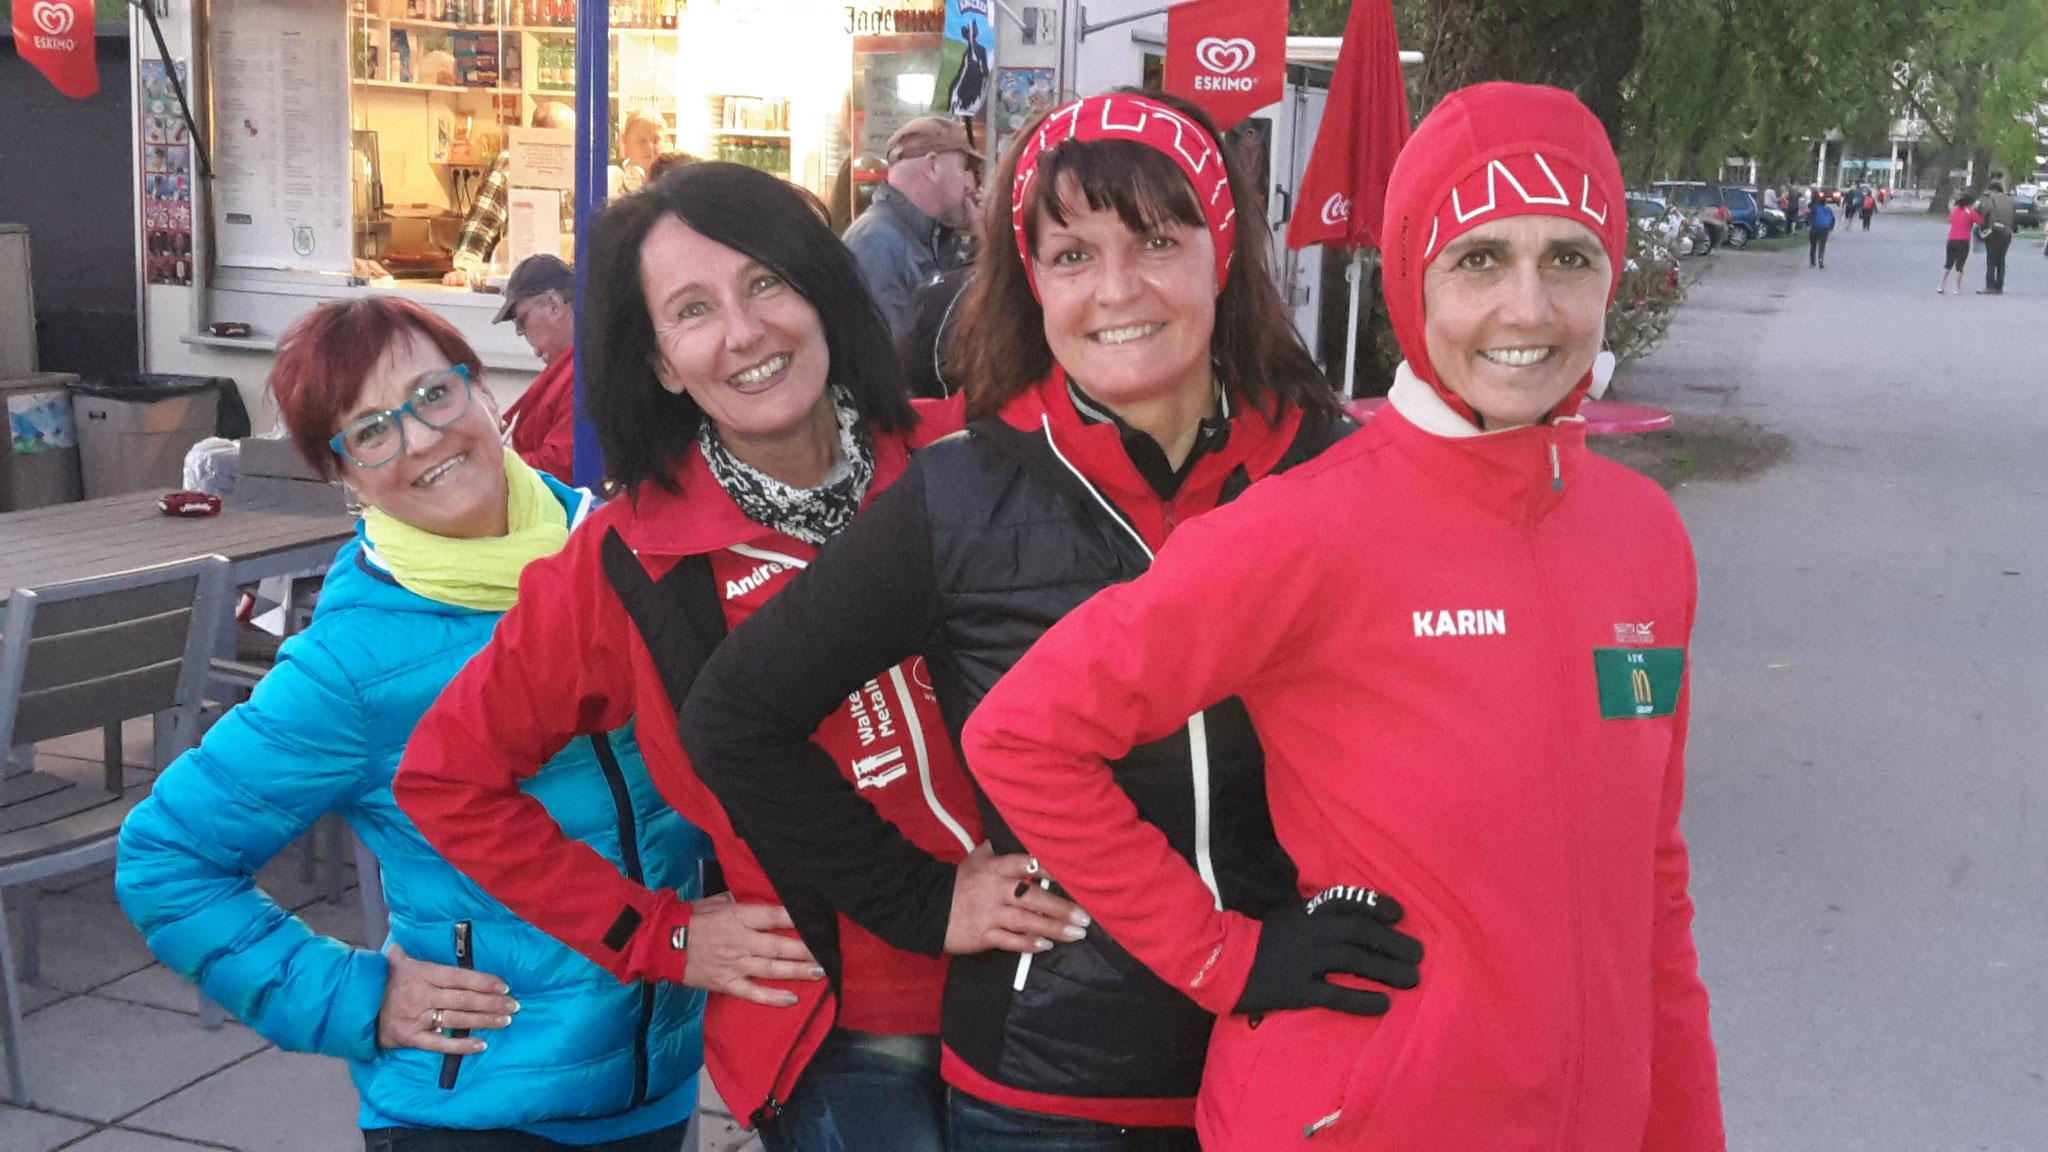 Frauen Power Pur, inkl. unserer Angi (2. rechts), welche so lange nicht mit uns gelaufen ist